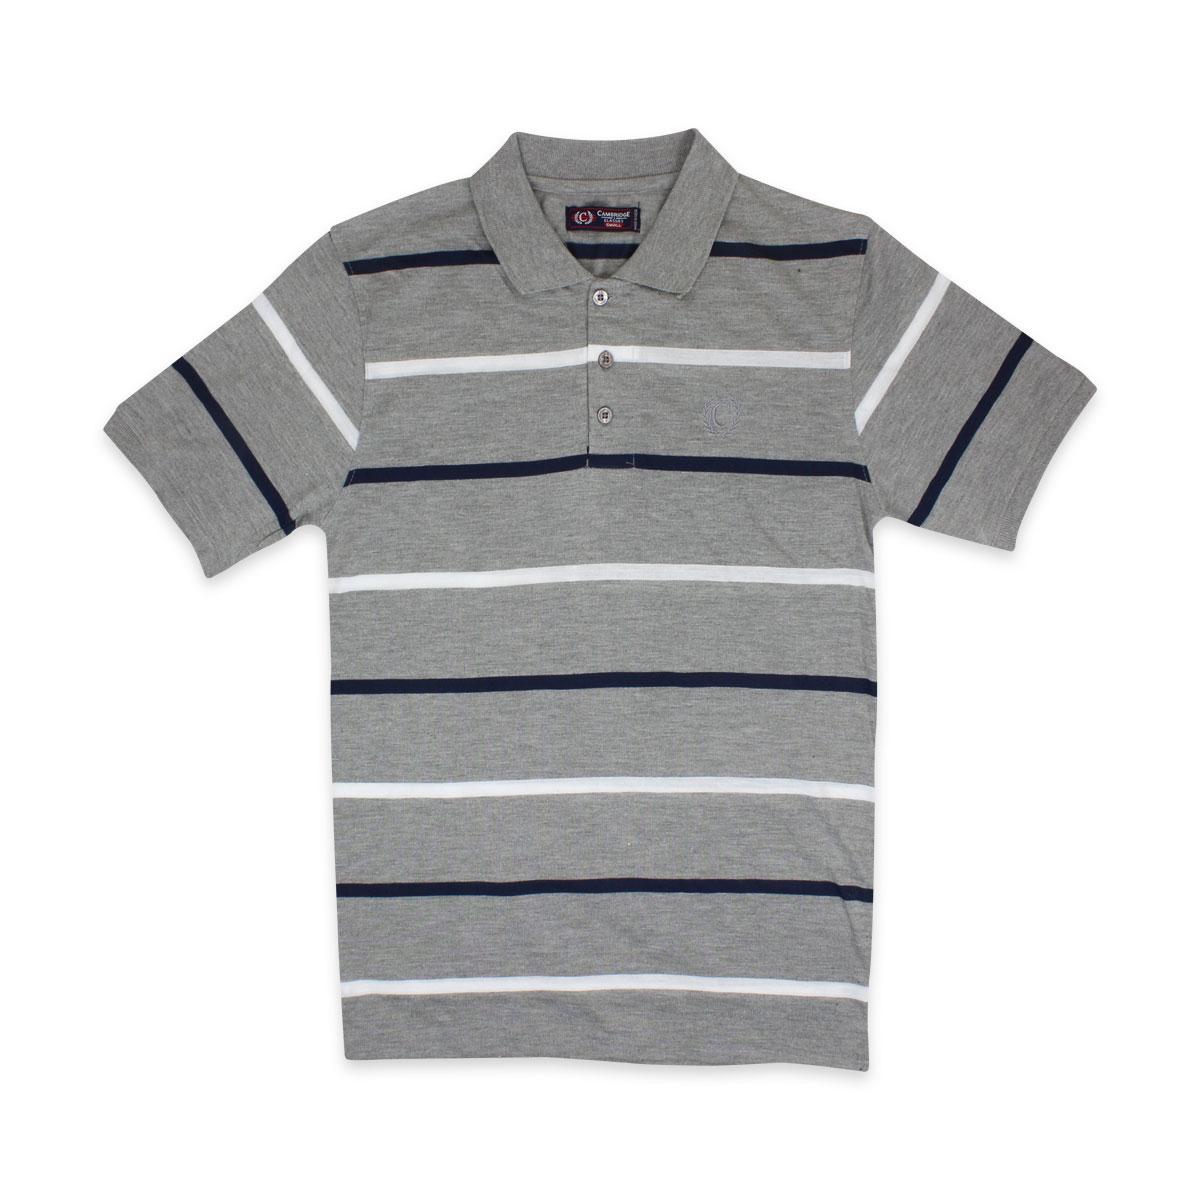 Camisas-Polo-Para-Hombre-A-Rayas-Pique-Con-Cuello-camiseta-Camiseta-Manga-Corta-De-Verano-S-M-L-XL miniatura 42